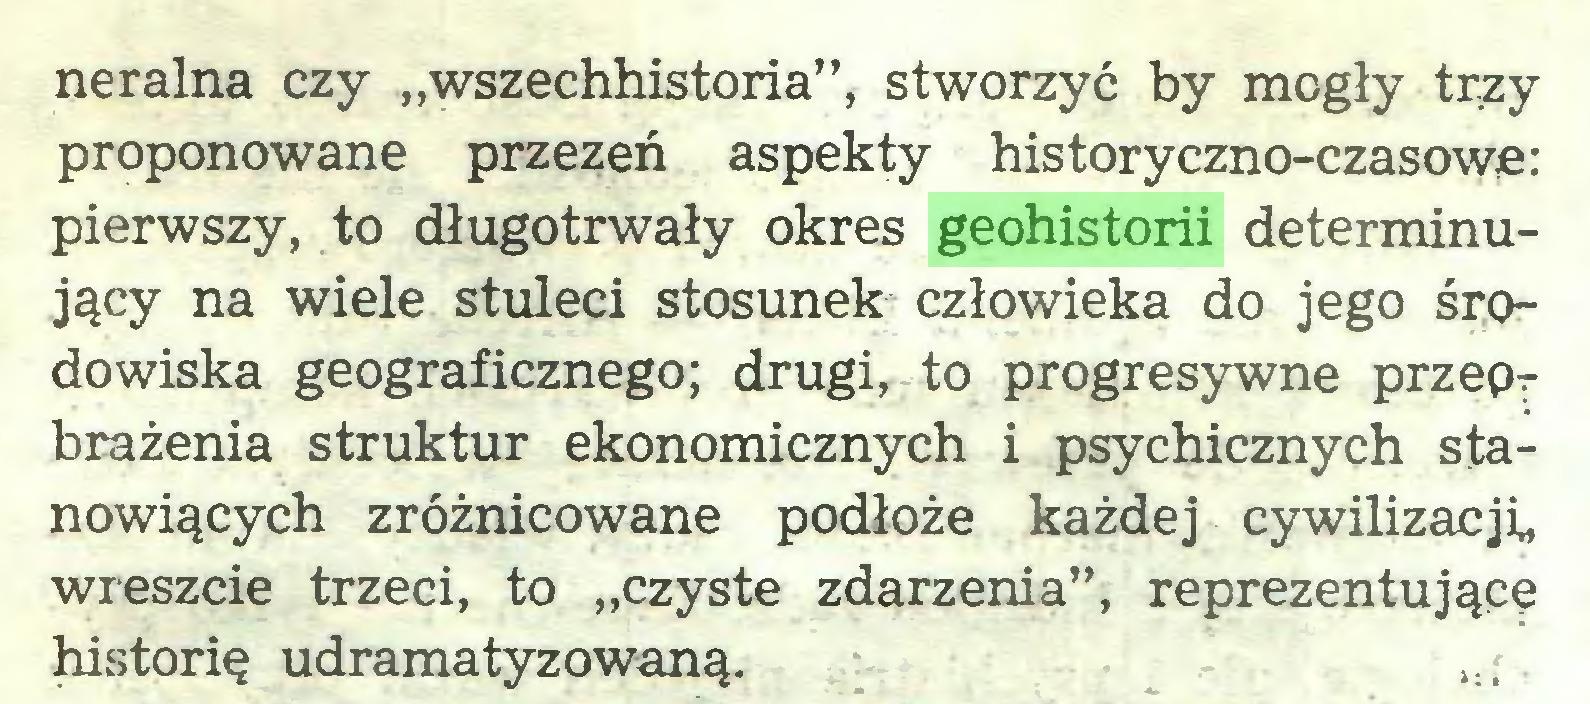 """(...) neralna czy """"wszechhistoria"""", stworzyć by mogły trzy proponowane przezeń aspekty historyczno-czasowe: pierwszy, to długotrwały okres geohistorii determinujący na wiele stuleci stosunek człowieka do jego środowiska geograficznego; drugi, to progresywne przepT brażenia struktur ekonomicznych i psychicznych stanowiących zróżnicowane podłoże każdej cywilizacji, wreszcie trzeci, to """"czyste zdarzenia"""", reprezentujące historię udramatyzowaną. 1:;..."""